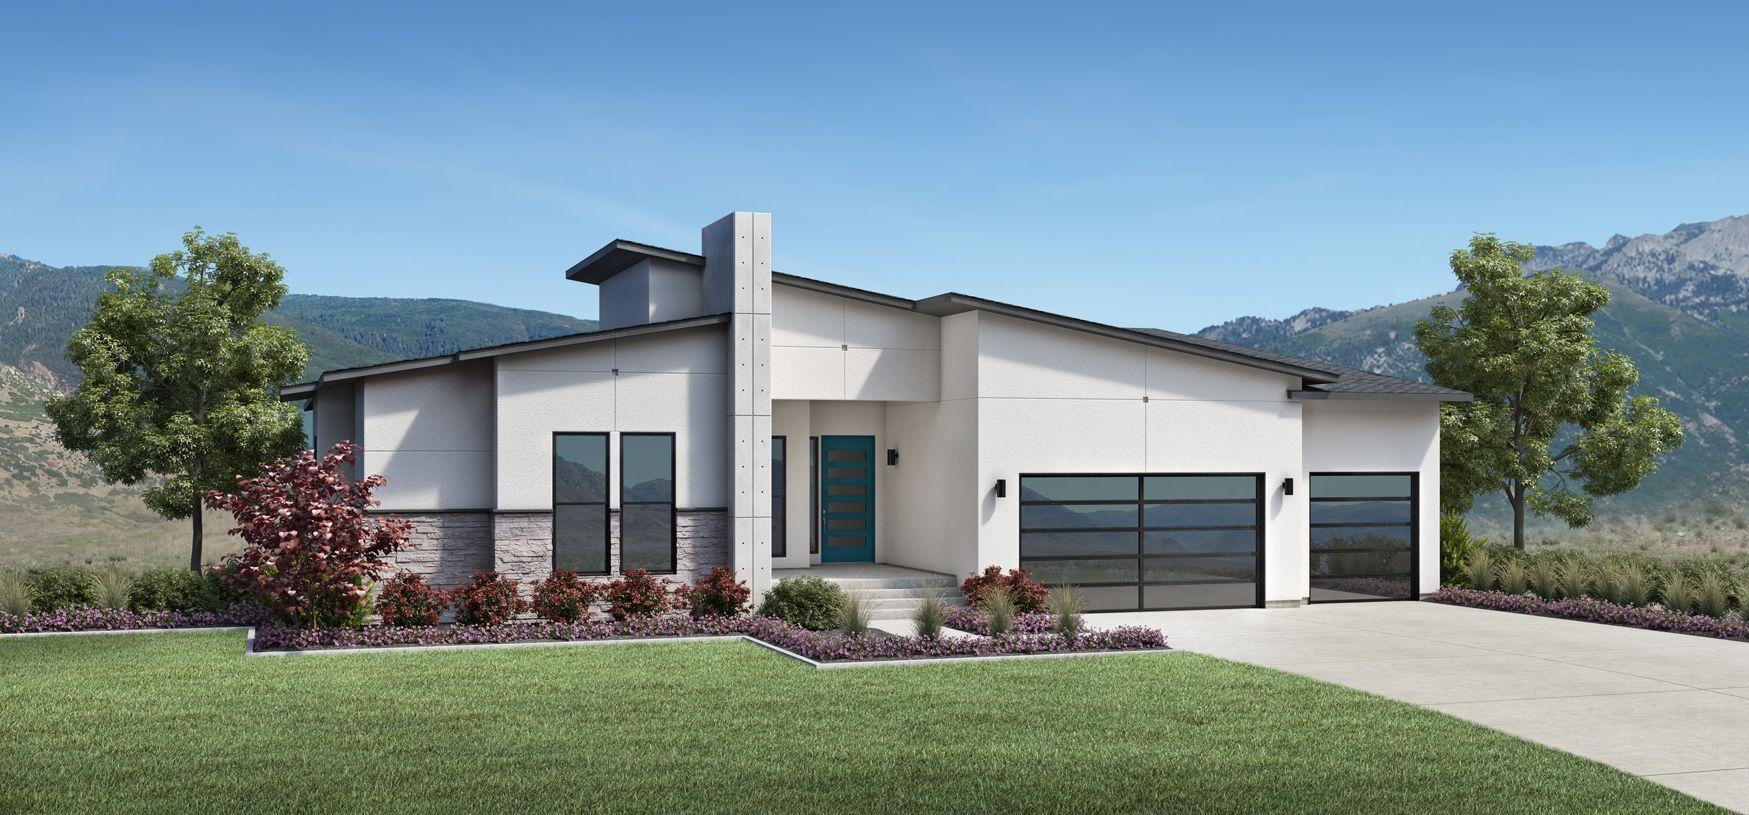 Elevation Image:Modern